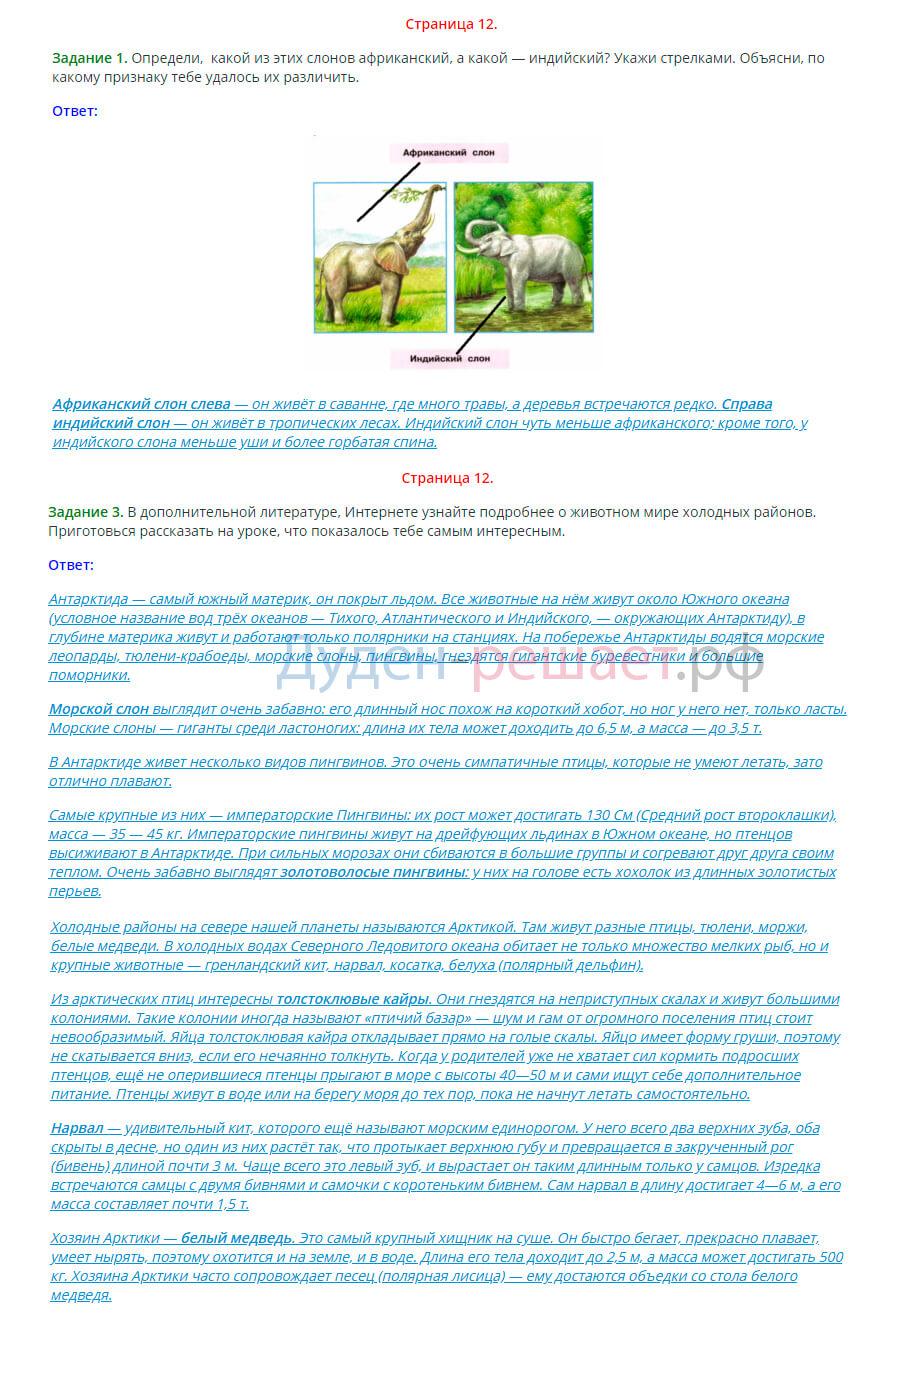 Окружающий мир 1 класс рабочая тетрадь Плешаков 2 часть страница 12